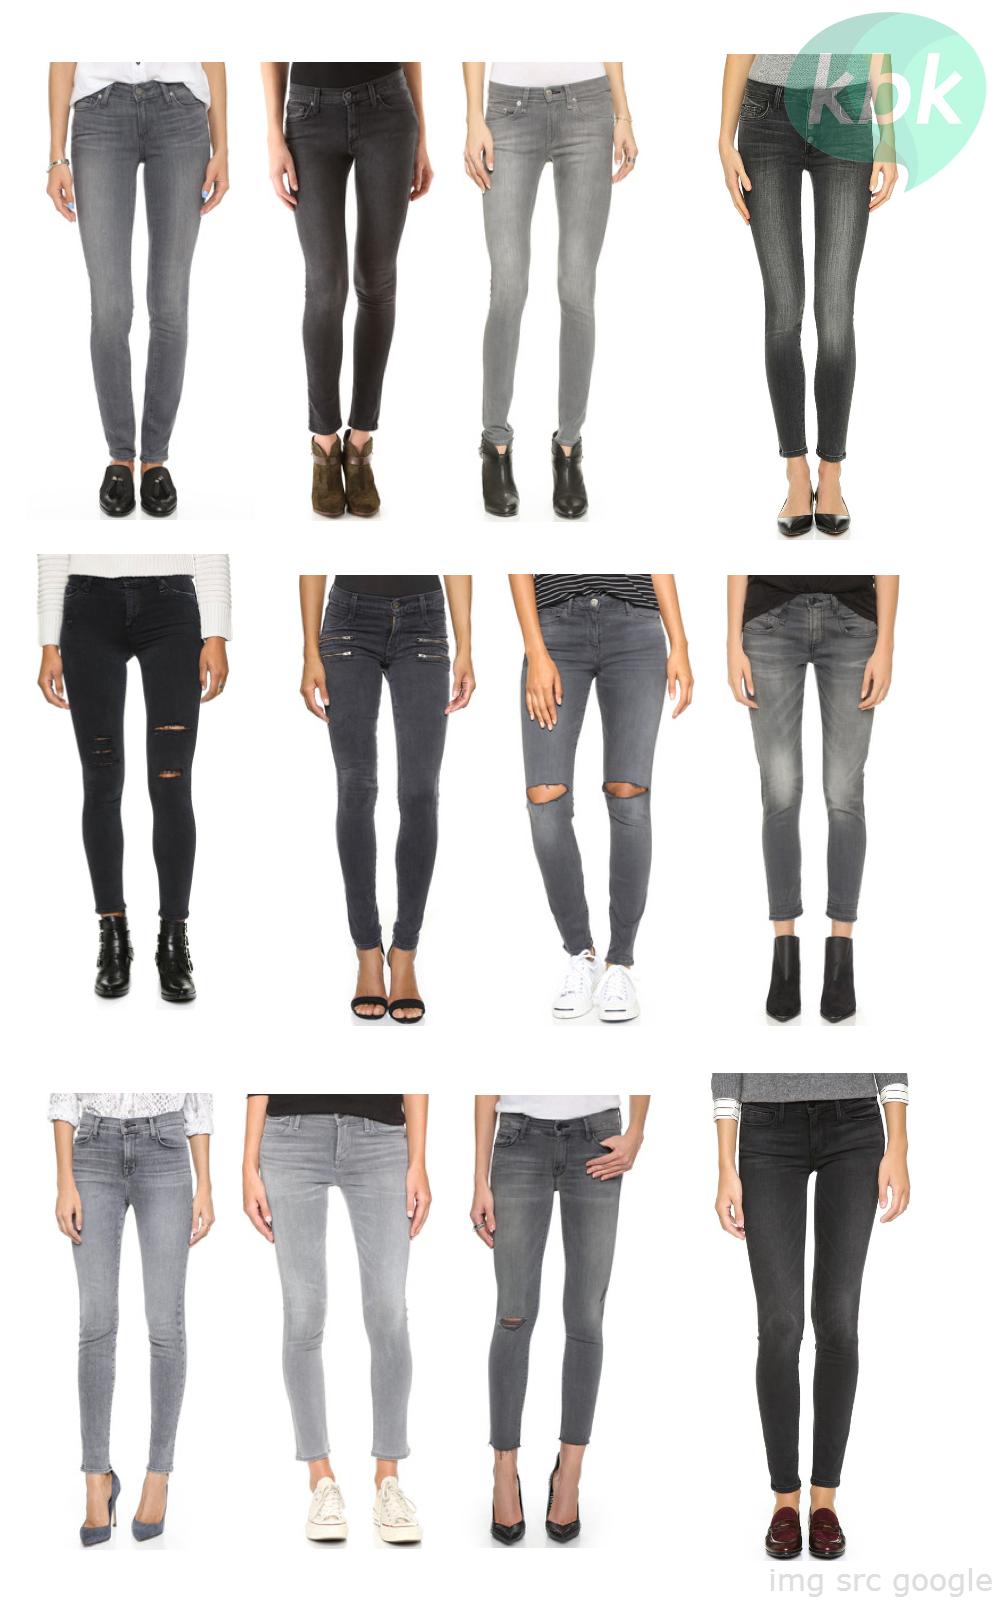 12 Celana Jeans Panjang Wanita Terbaru